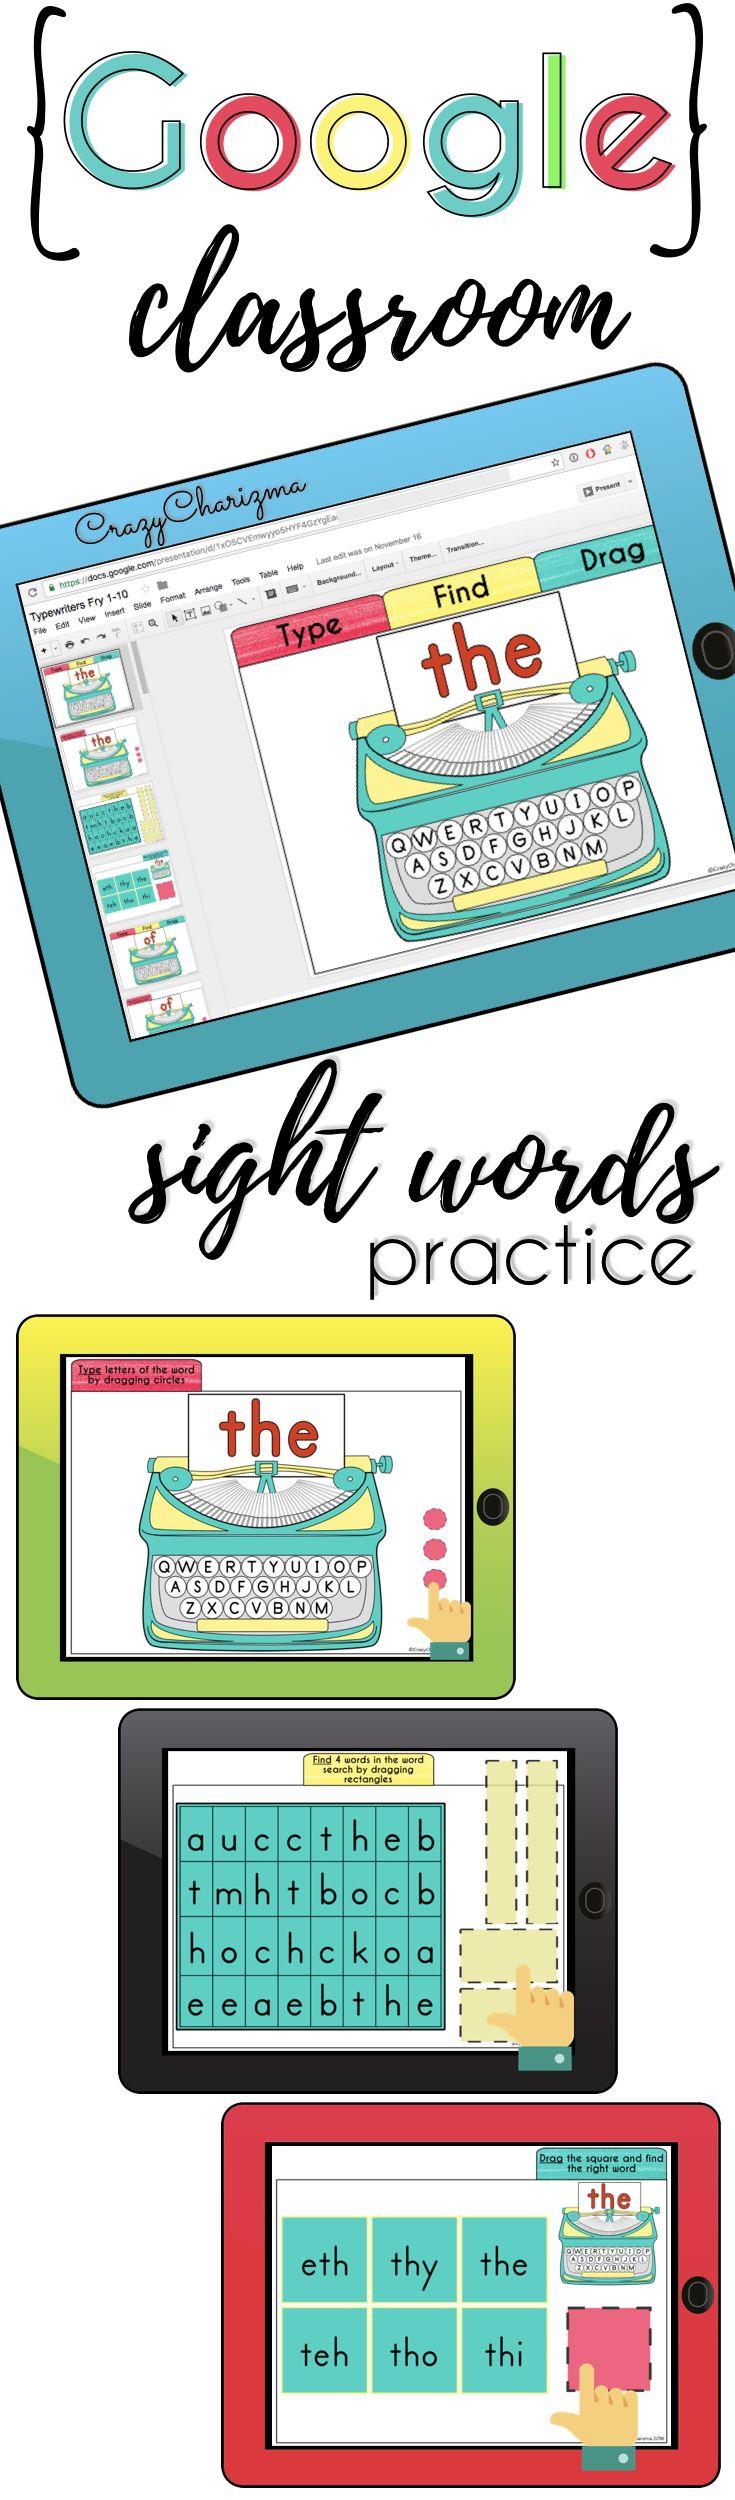 Powers of 10 Math Face Off 5.NBT.2 | Google classroom, Sight word ...